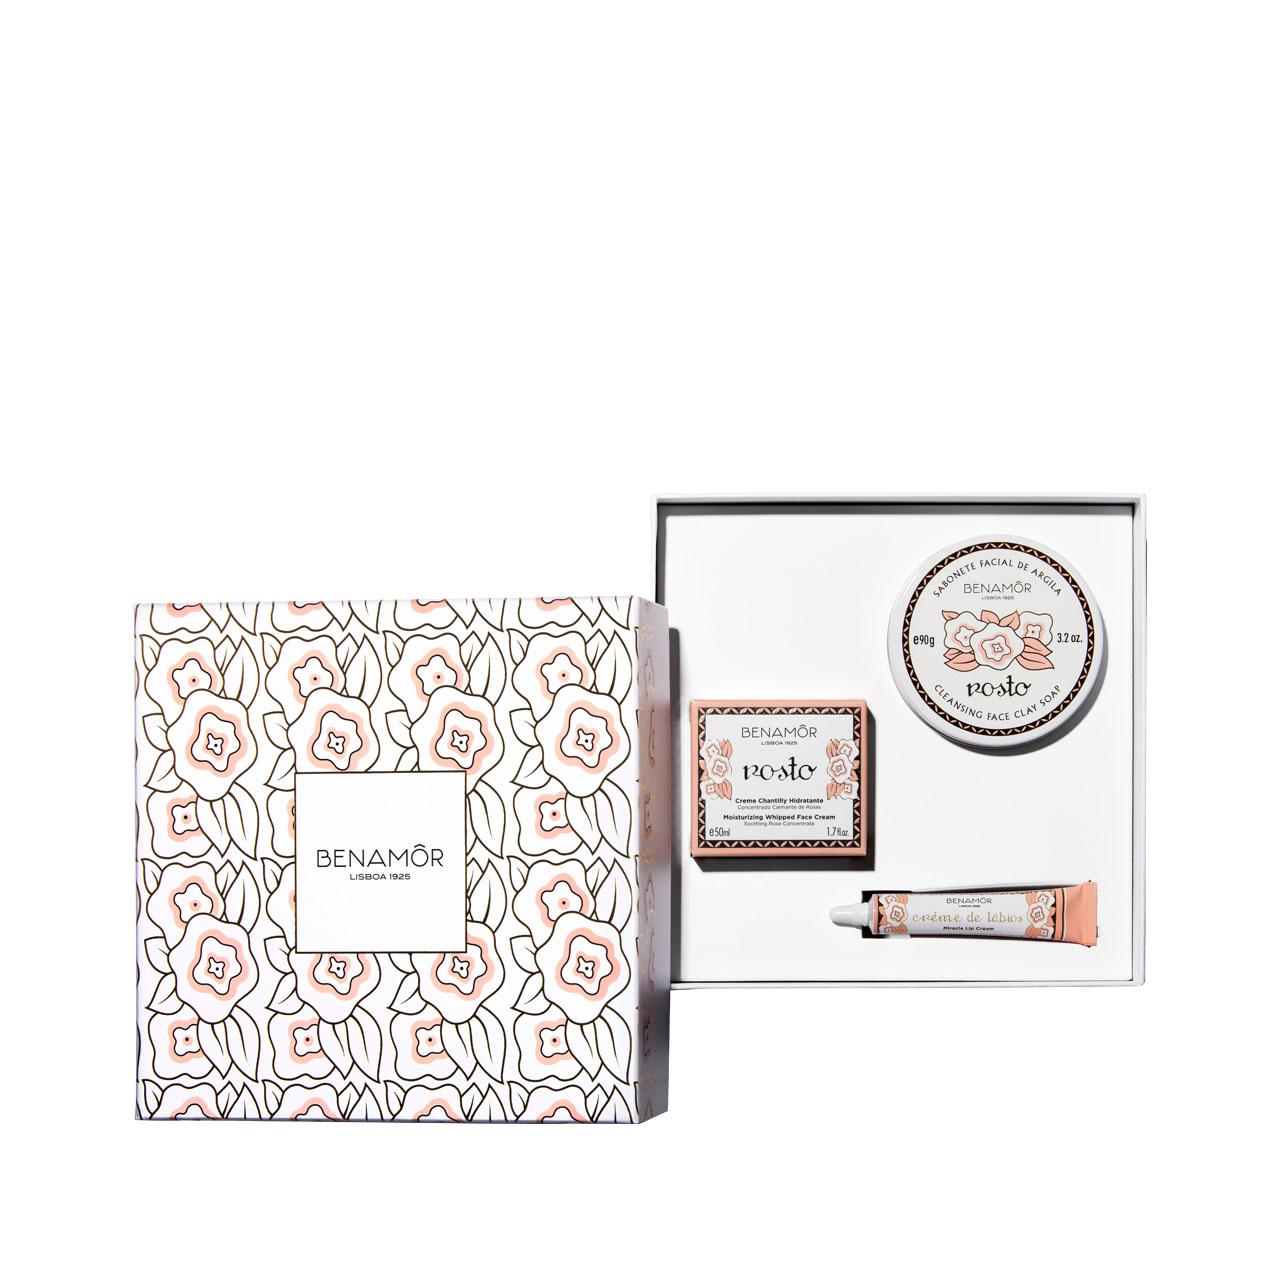 Créme de Rosto - Gift Set De Rosto + Chantilly Cream